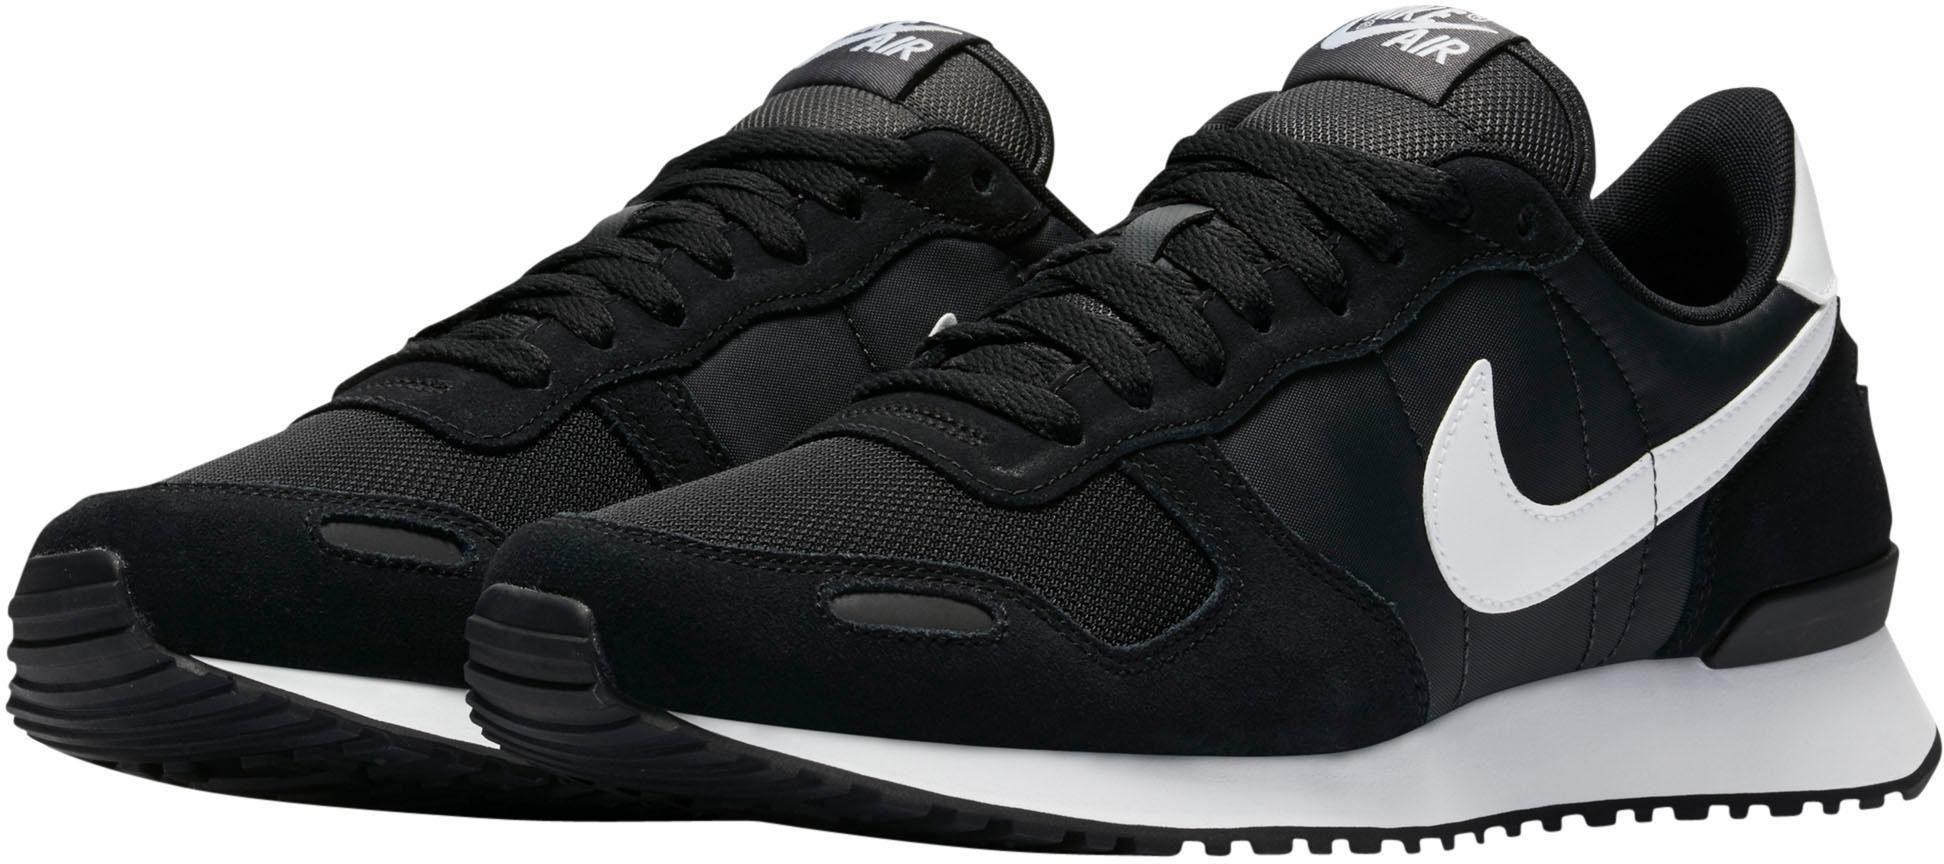 Nike Sportswear »Air Vortex« Sneaker, Sowohl sportlich als auch casual gut  kombinierbar online kaufen | OTTO